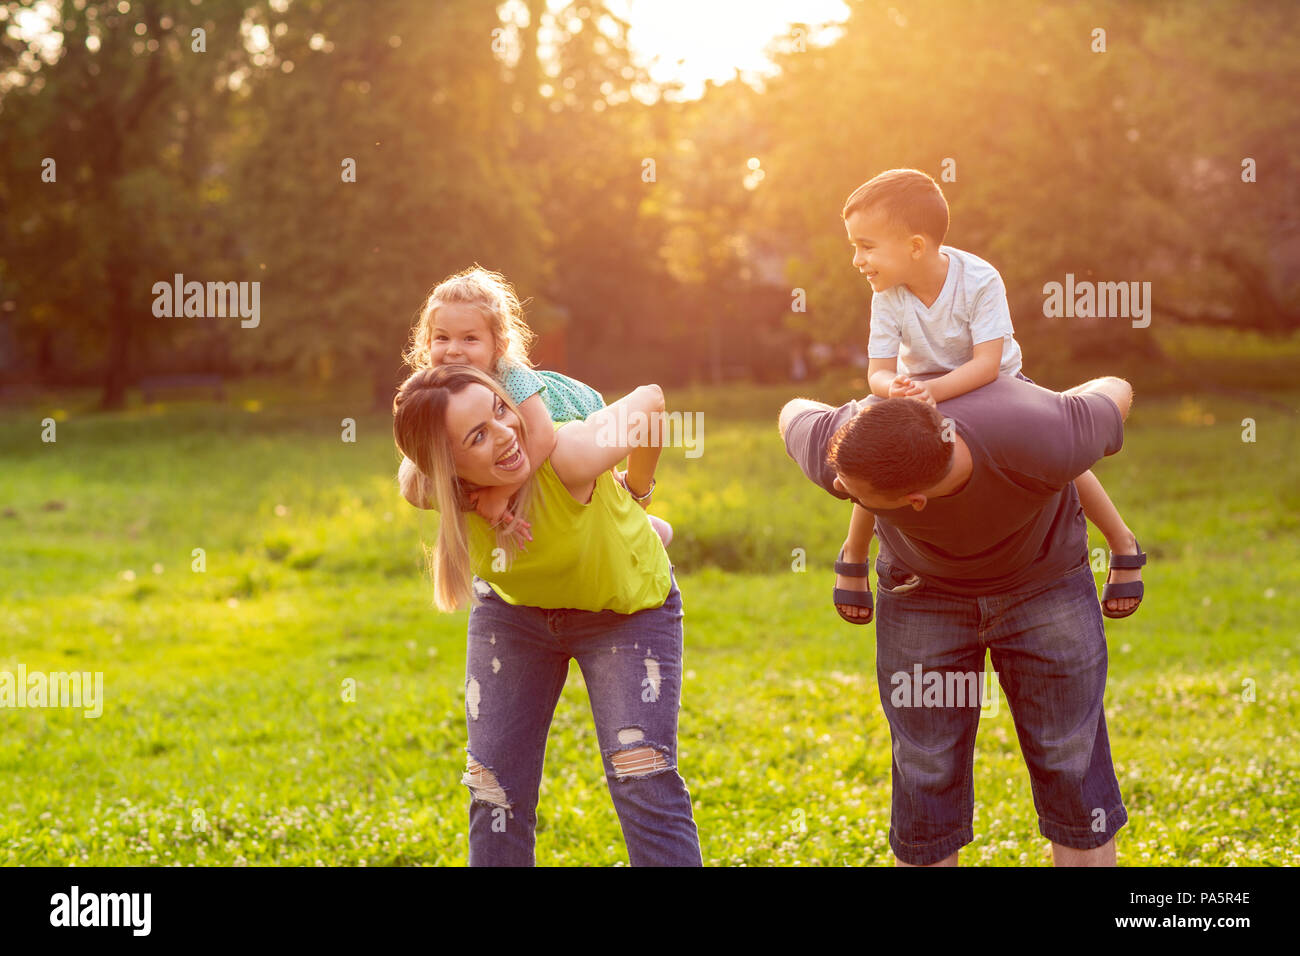 La familia, la felicidad, la infancia y las personas concepto - felices padres dando piggyback ride para niños Foto de stock